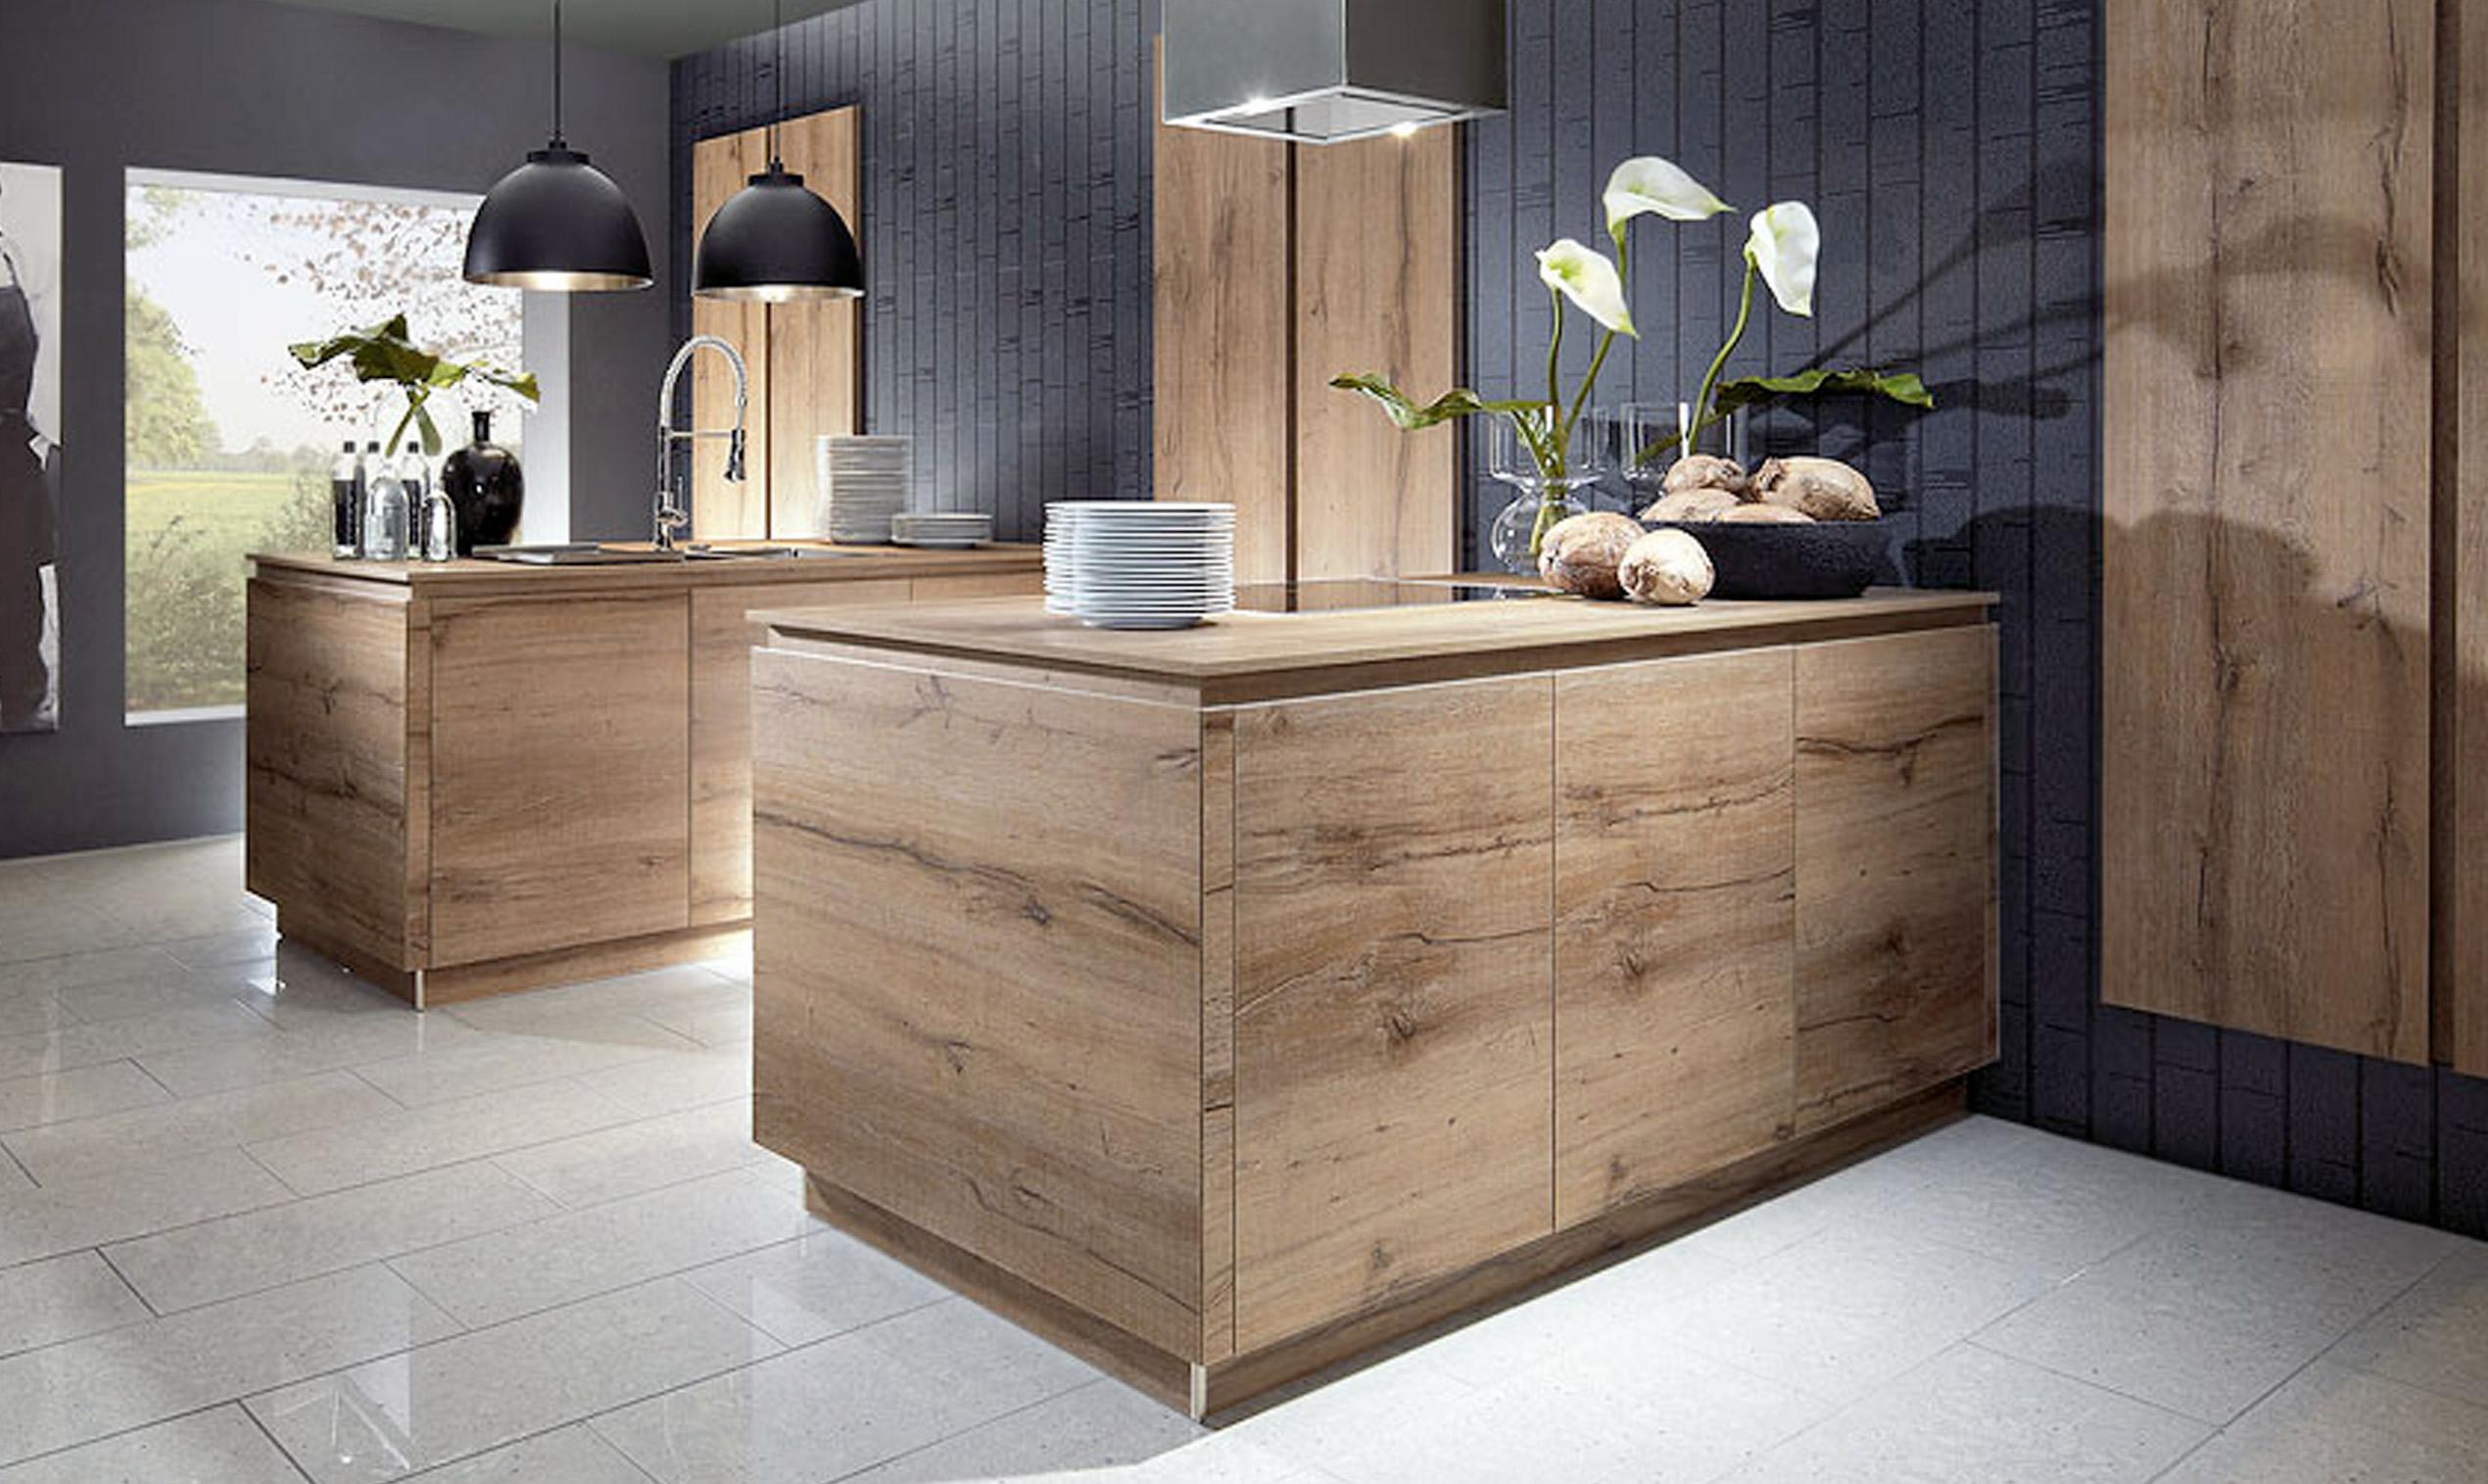 schroder porto woodline ch ne tad design. Black Bedroom Furniture Sets. Home Design Ideas